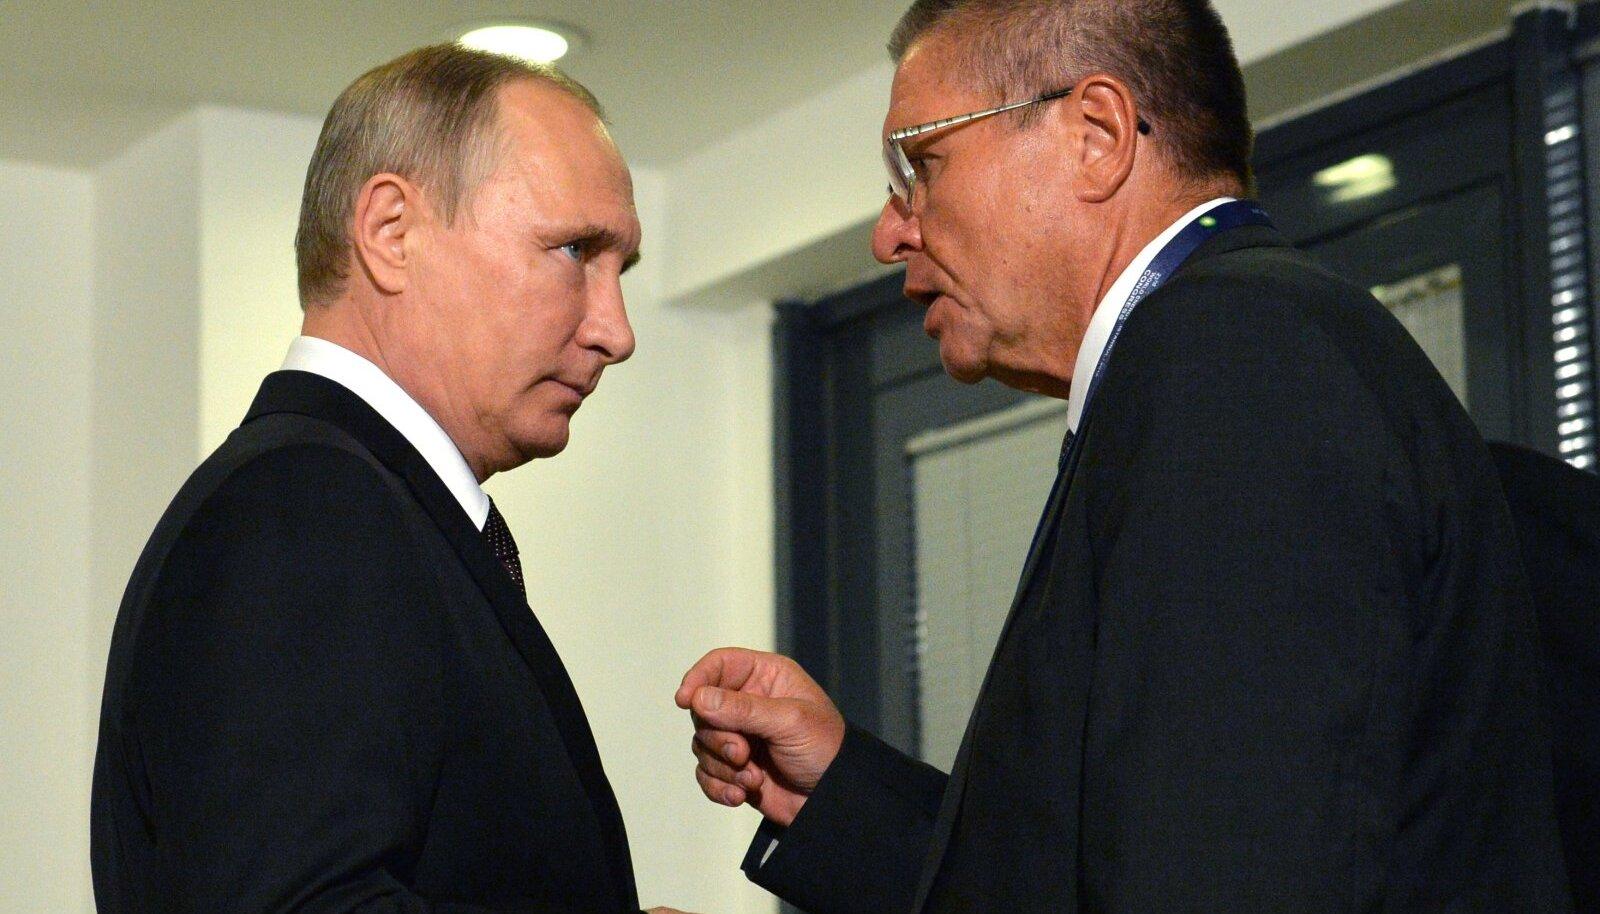 Venemaa president Vladimir Putin ja endine majandusarengu minister Aleksei Uljukajev